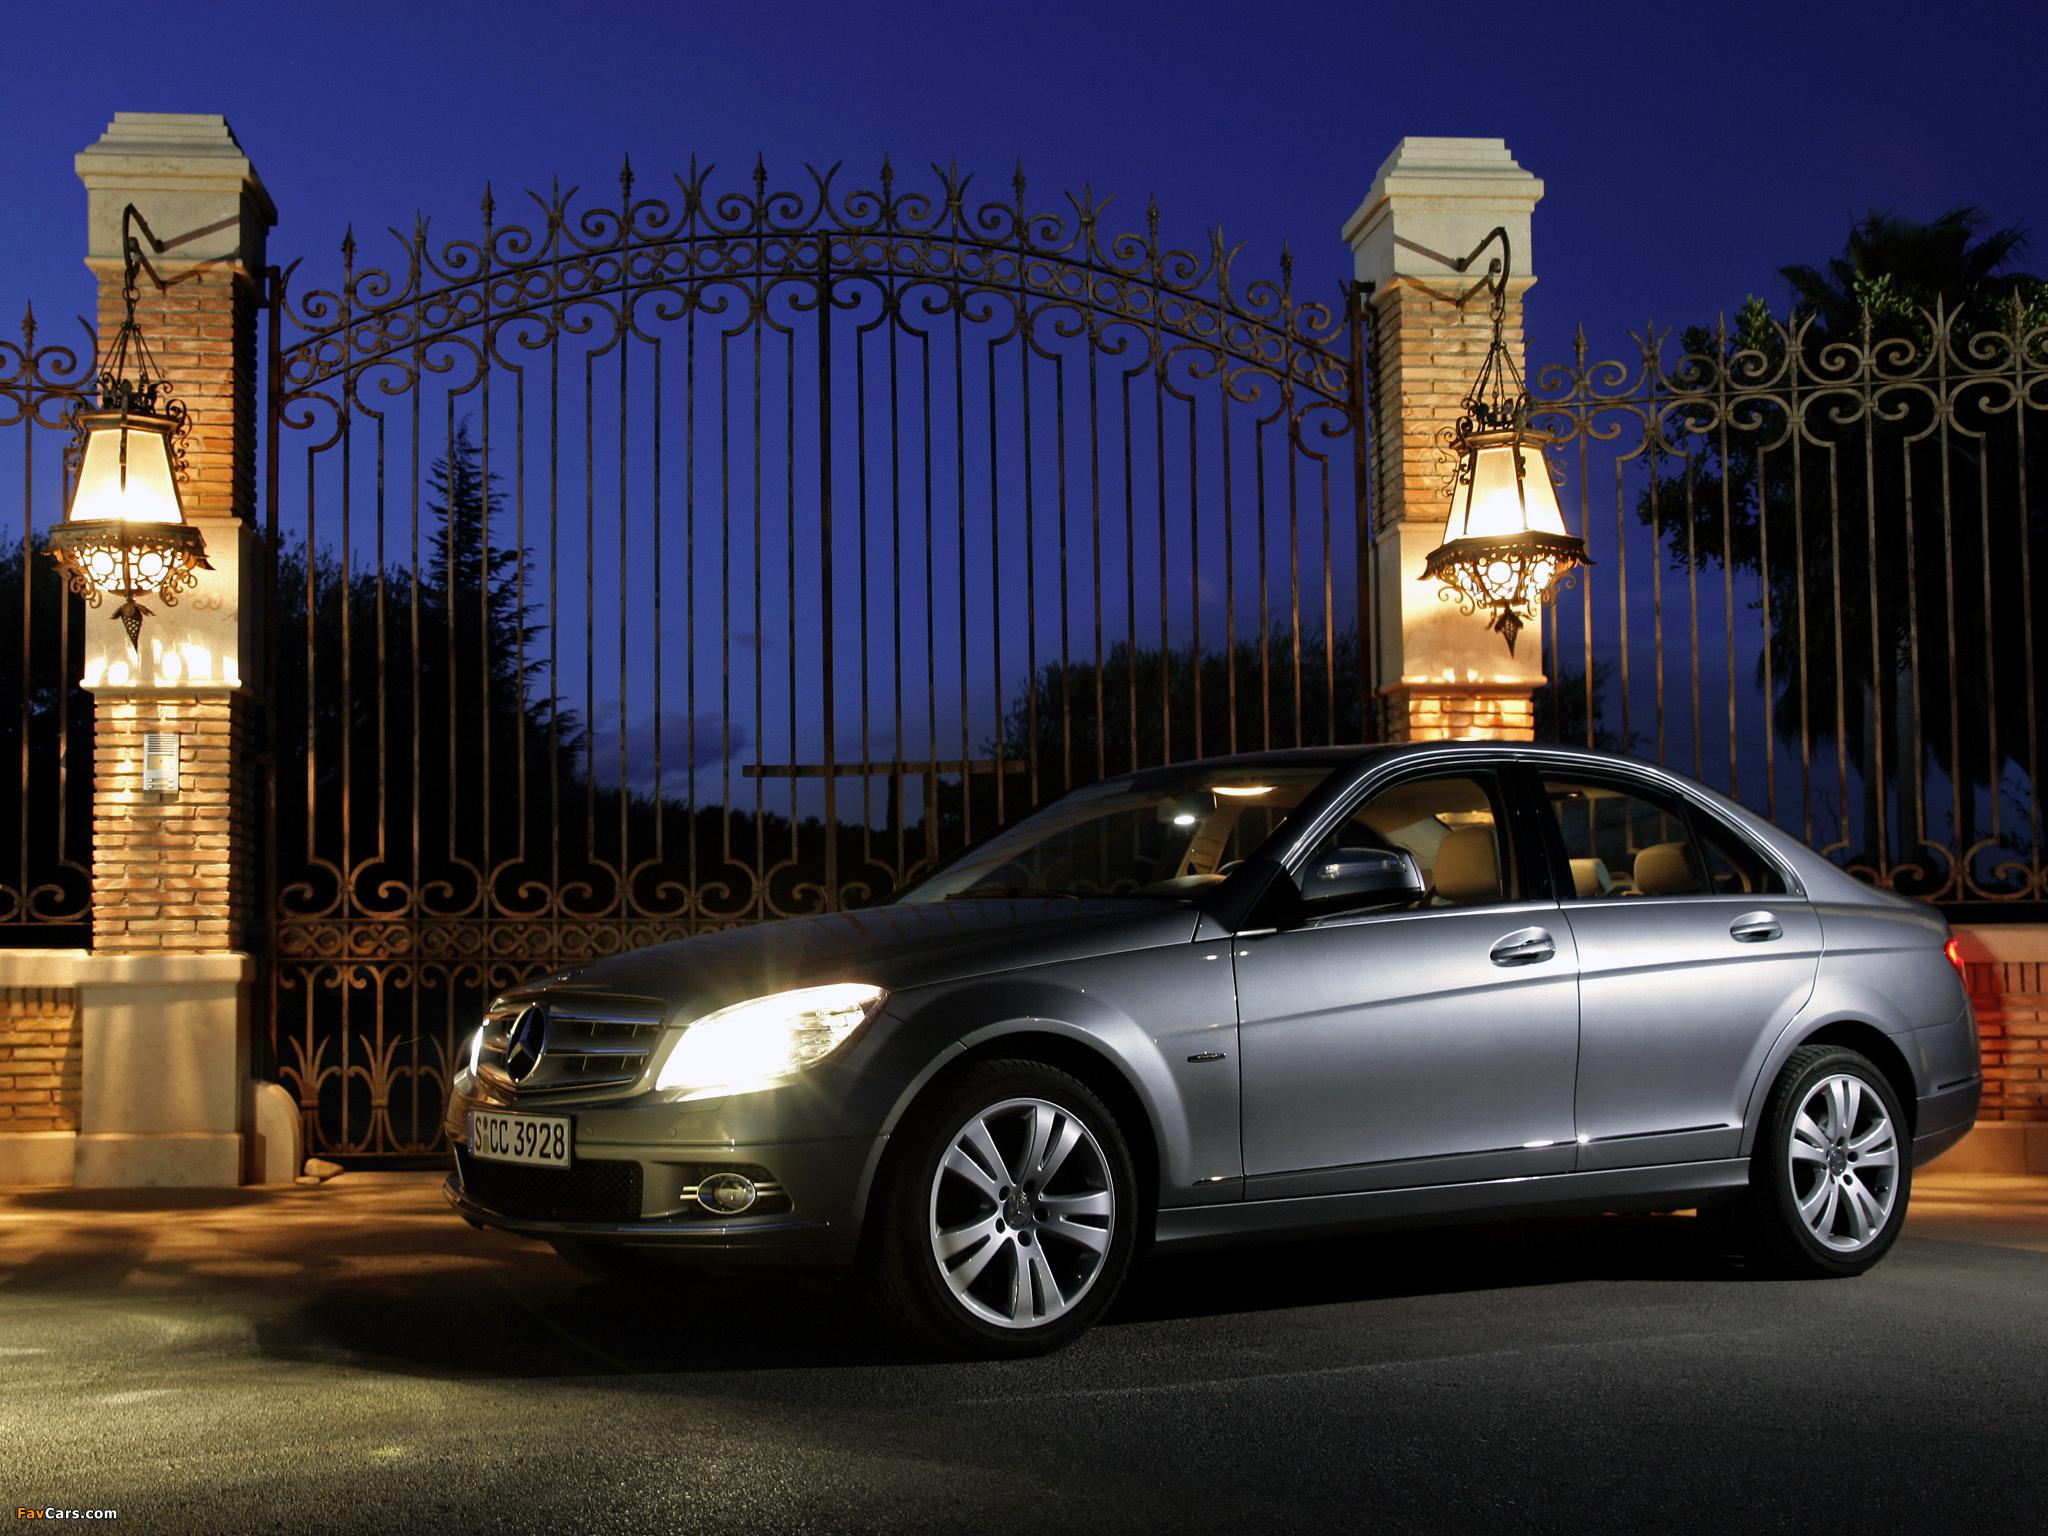 Mercedes-Benz C-Klasse (W204) долго прогревается зимой